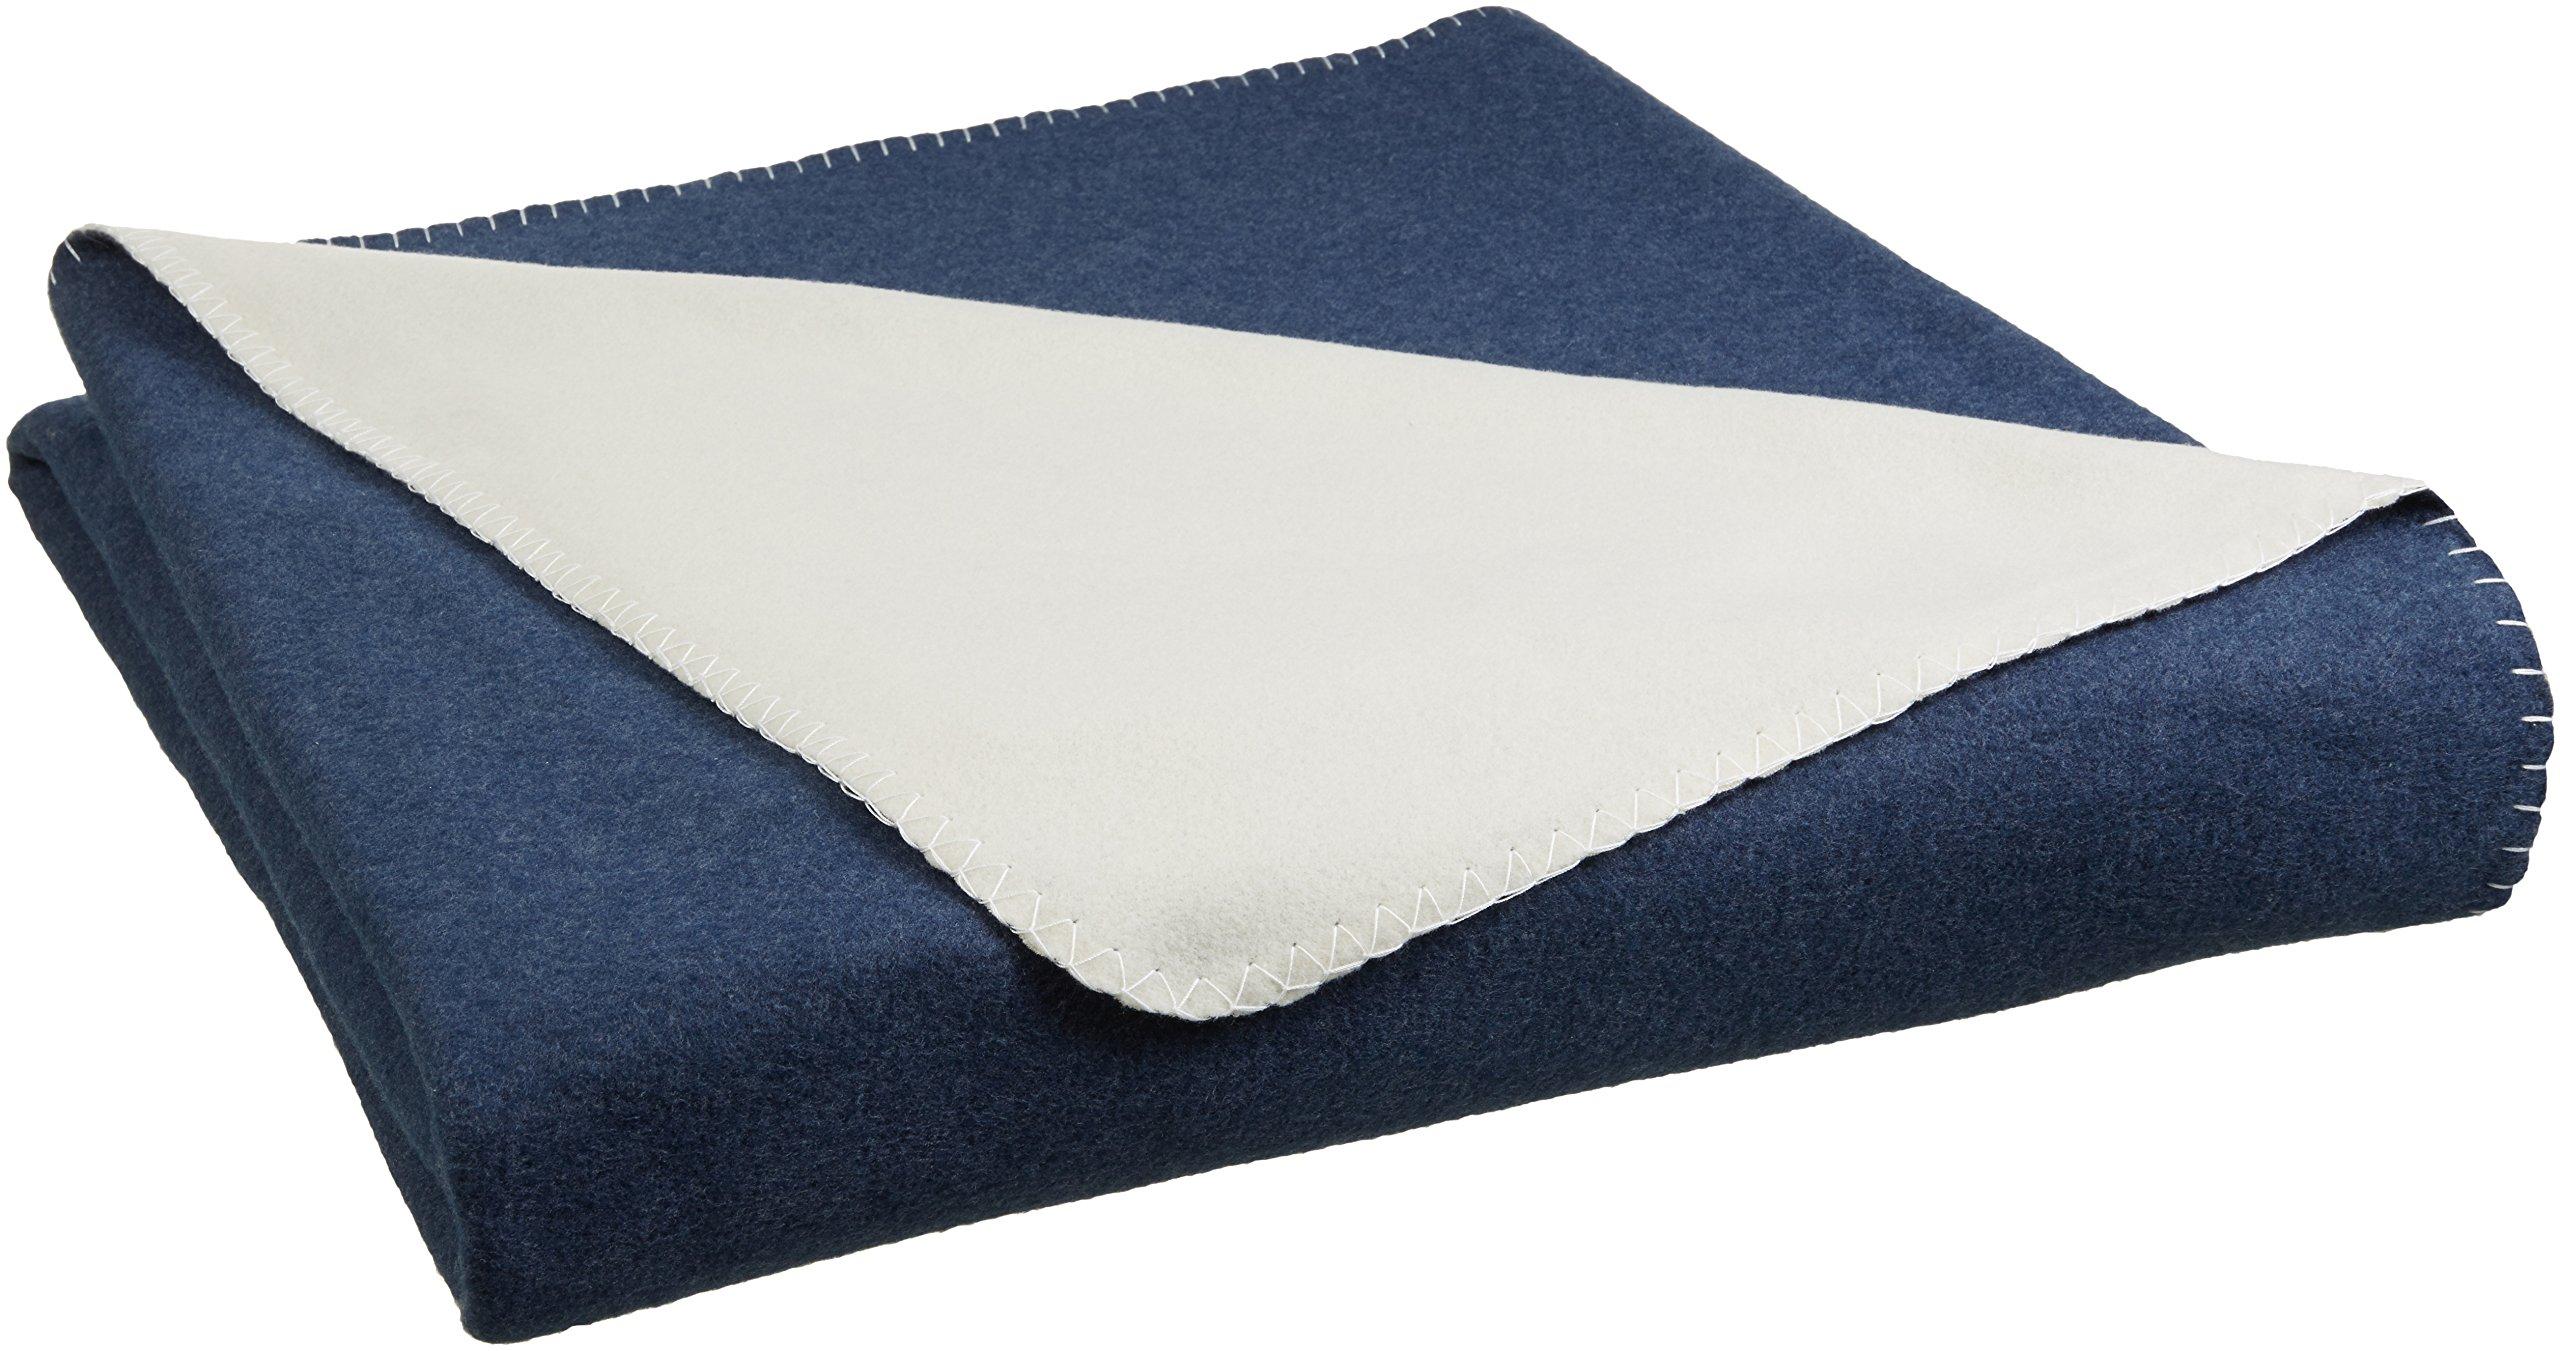 AmazonBasics Reversible Fleece Blanket